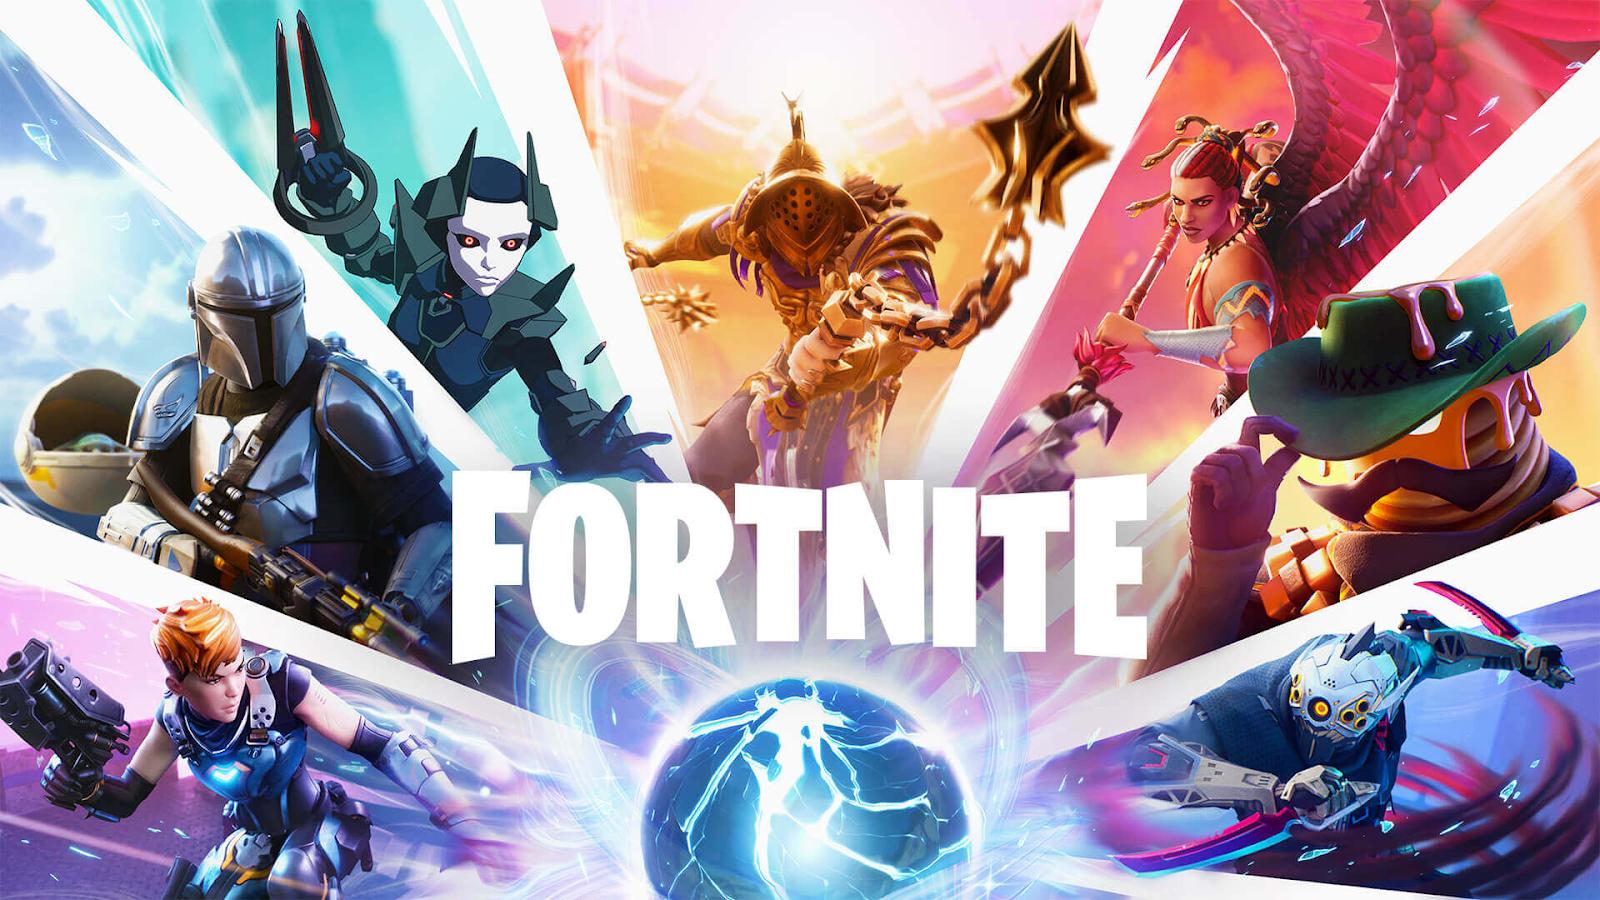 Tính thẩm mỹ của game Fortnite cao